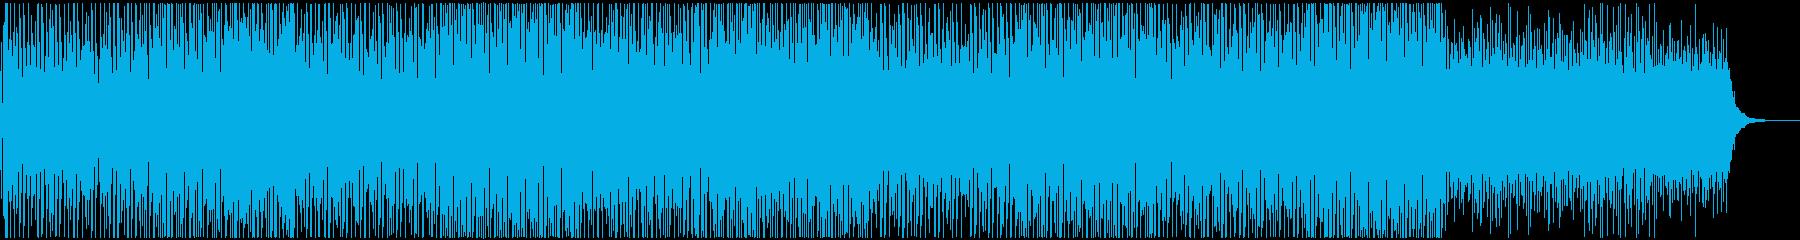 ボコーダーが心地よい都会的なテクノポップの再生済みの波形